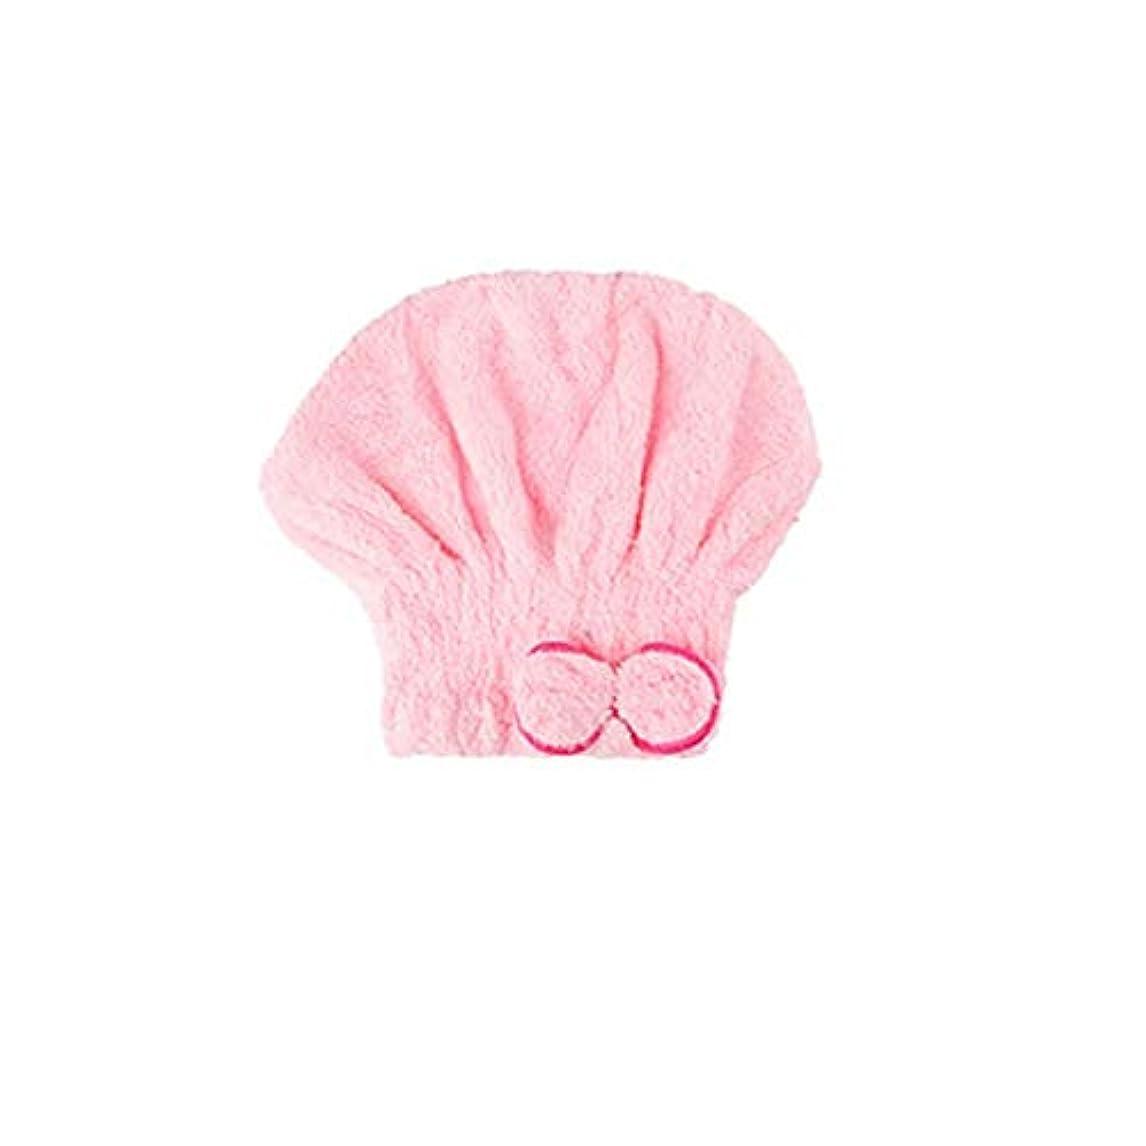 コンテンツ極端な霊XIONGHAIZI シャワーキャップ、レディースバッグヘアタオル、ドライヘアタオル、かわいいシャワーキャップ、ドライヘアキャップ、高品質 (Color : A2)